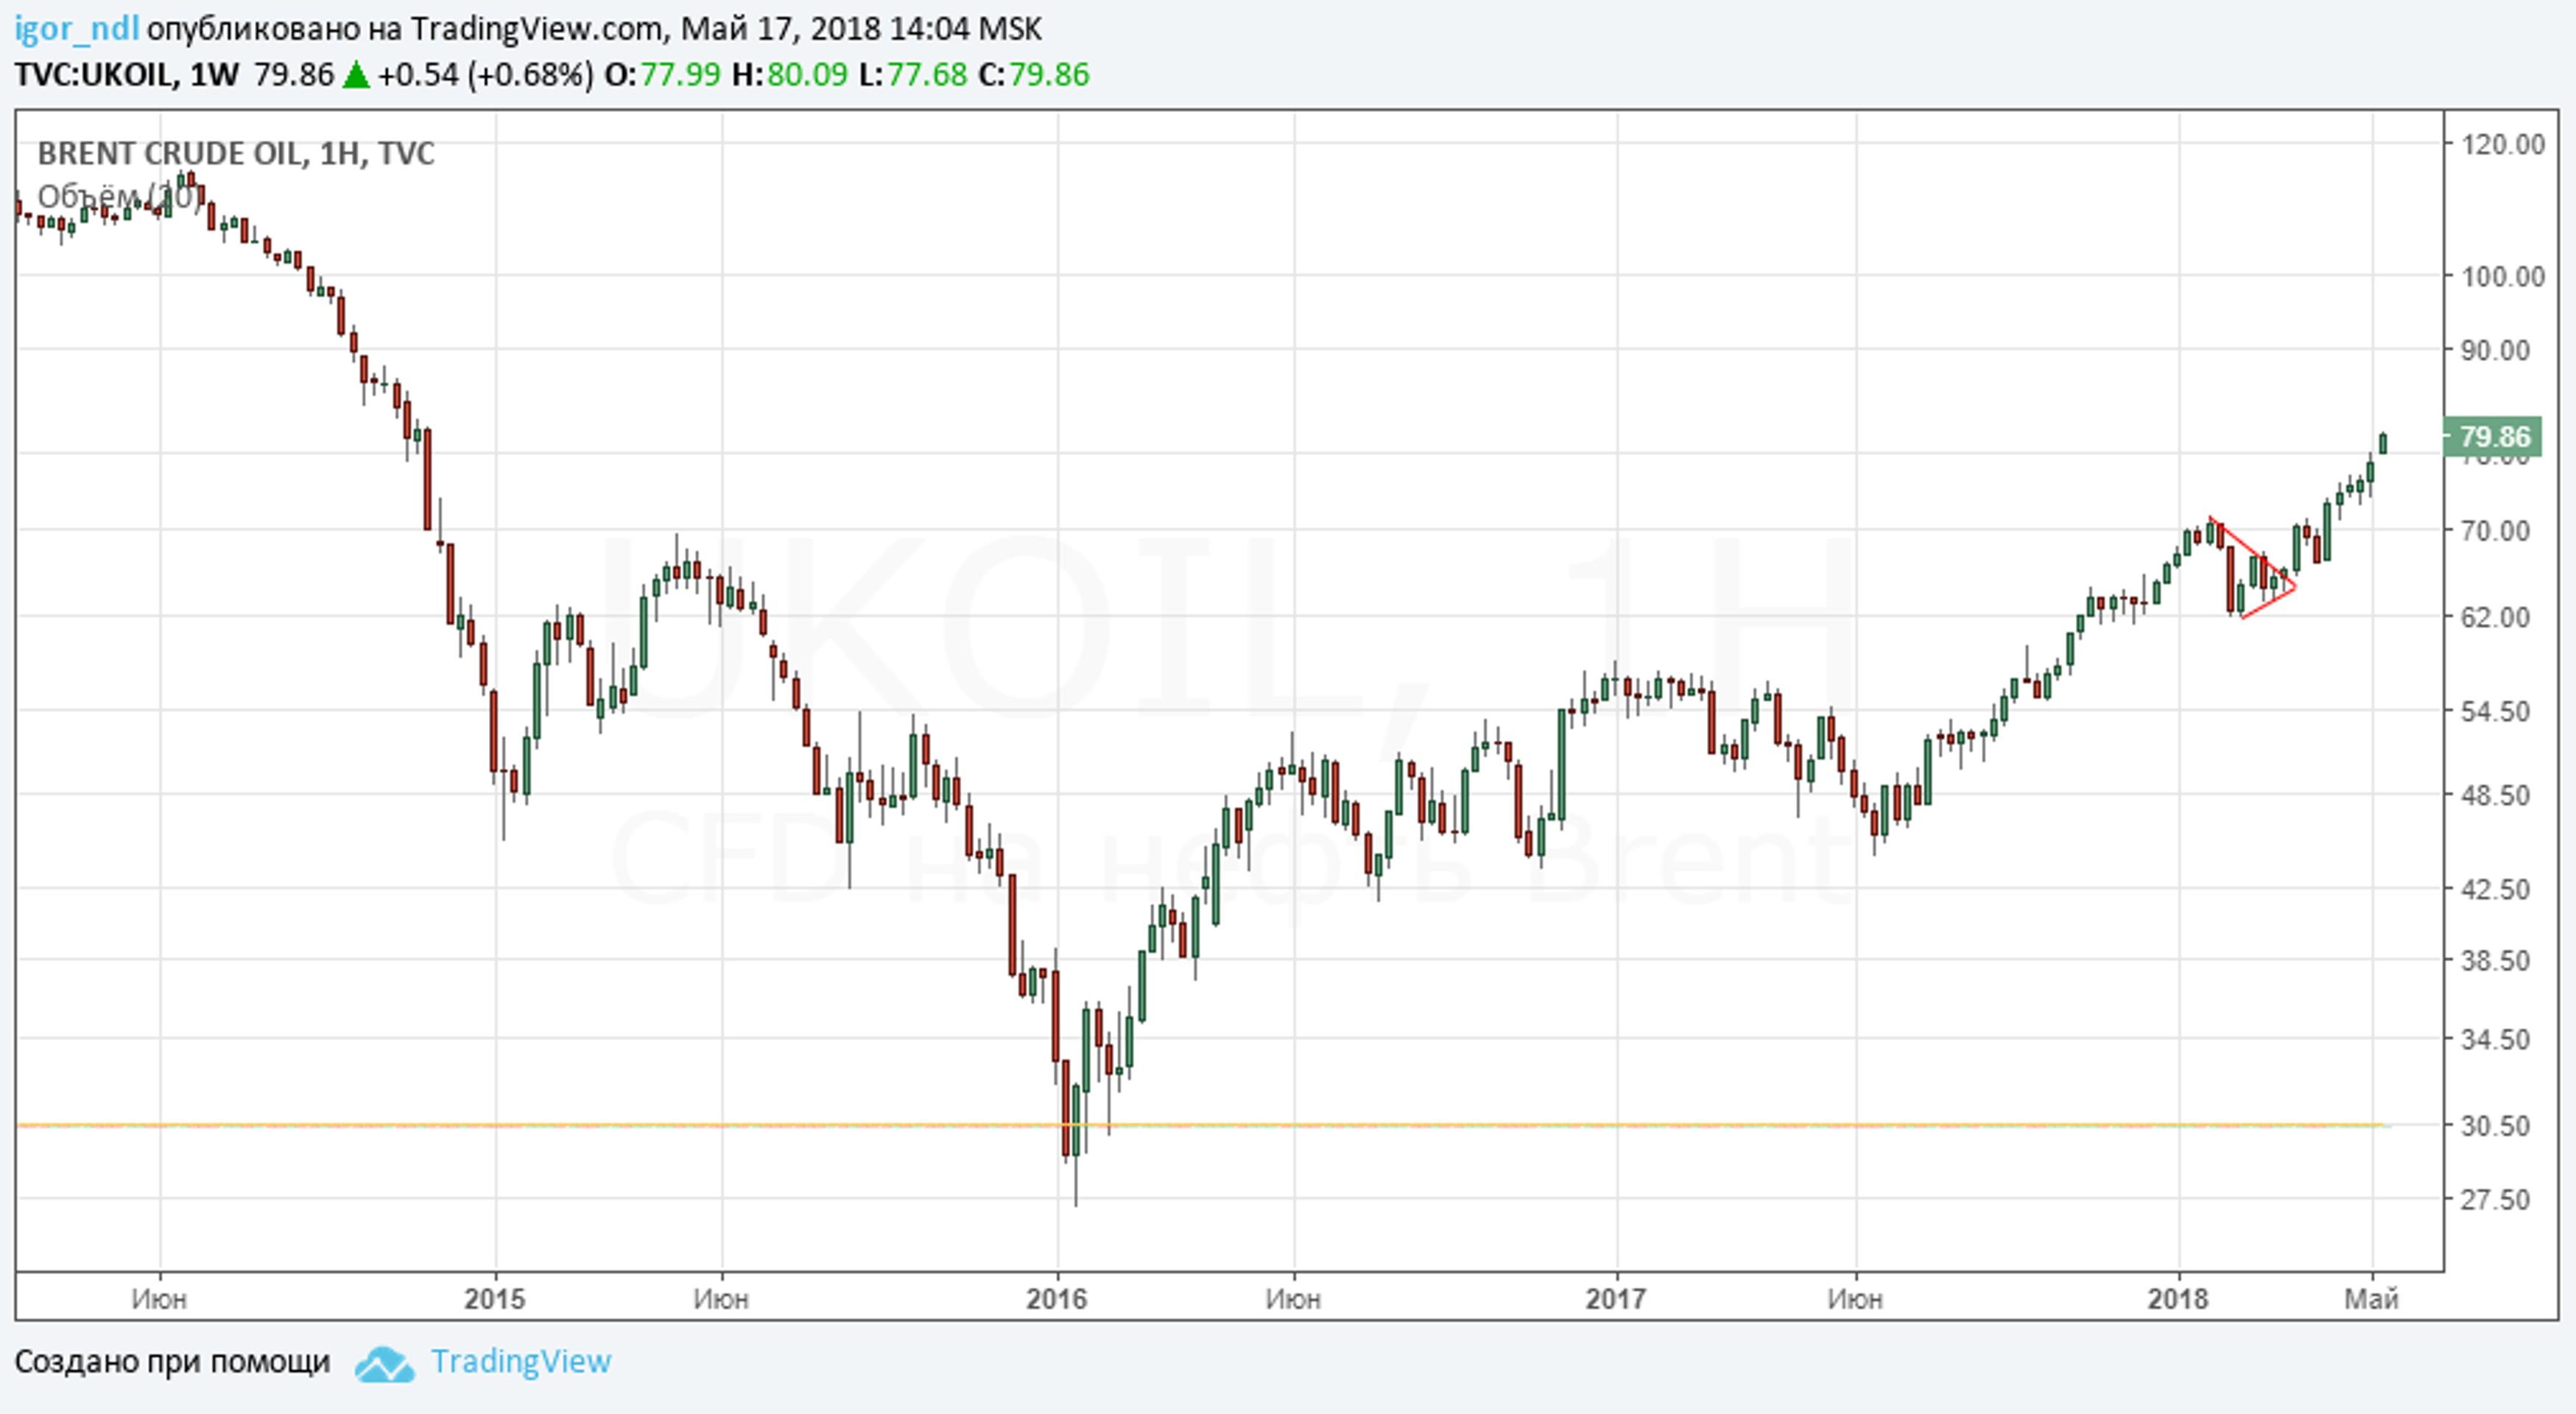 Нефть достигла $80, но это не предел